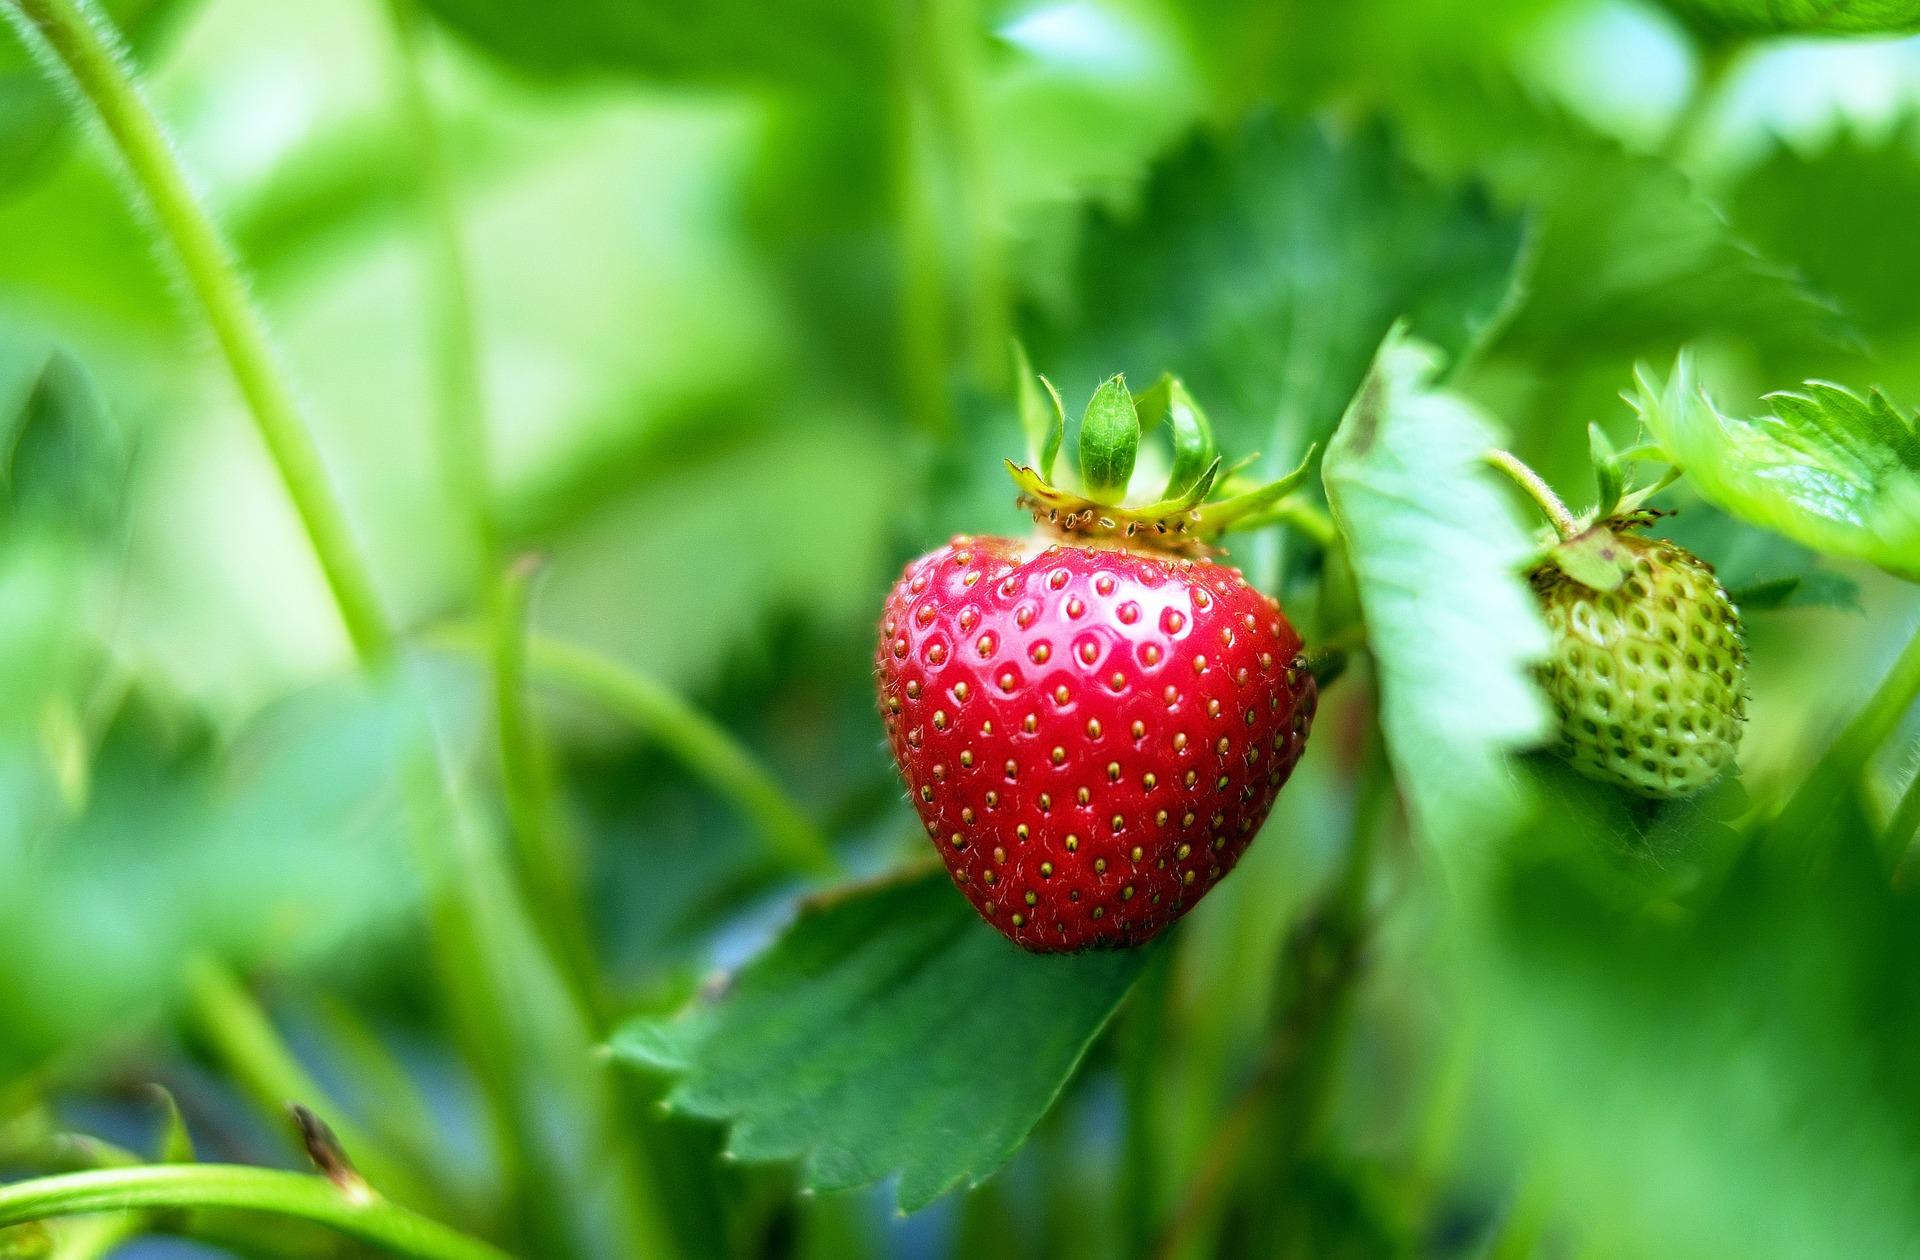 プランターで育てよう!イチゴ栽培の植え付けから収穫までのコツ6つ